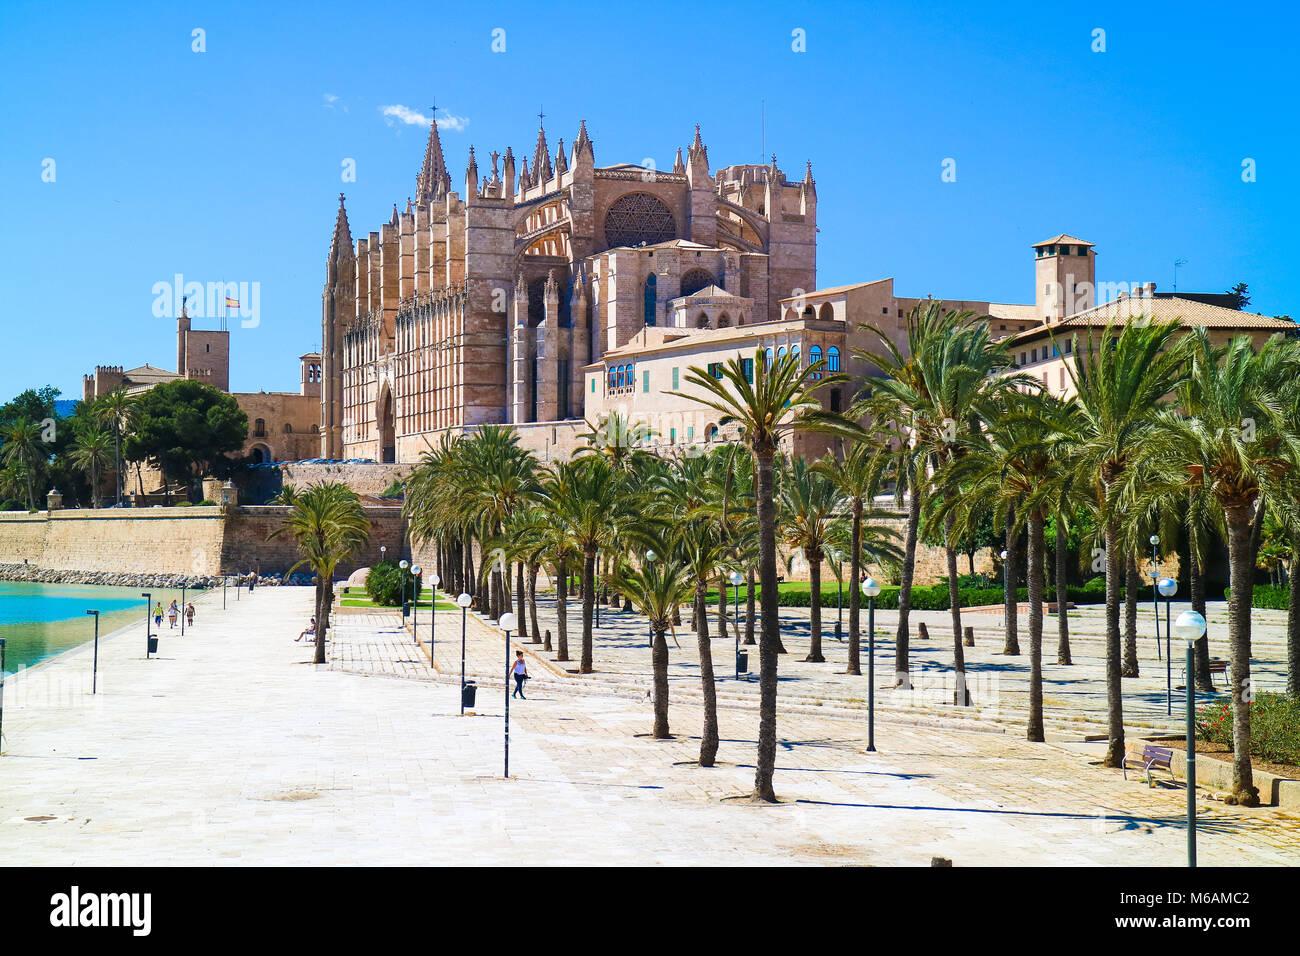 La Seu - Die berühmten mittelalterlichen gotischen Kathedrale in der Hauptstadt der Insel. Palma de Mallorca, Stockbild